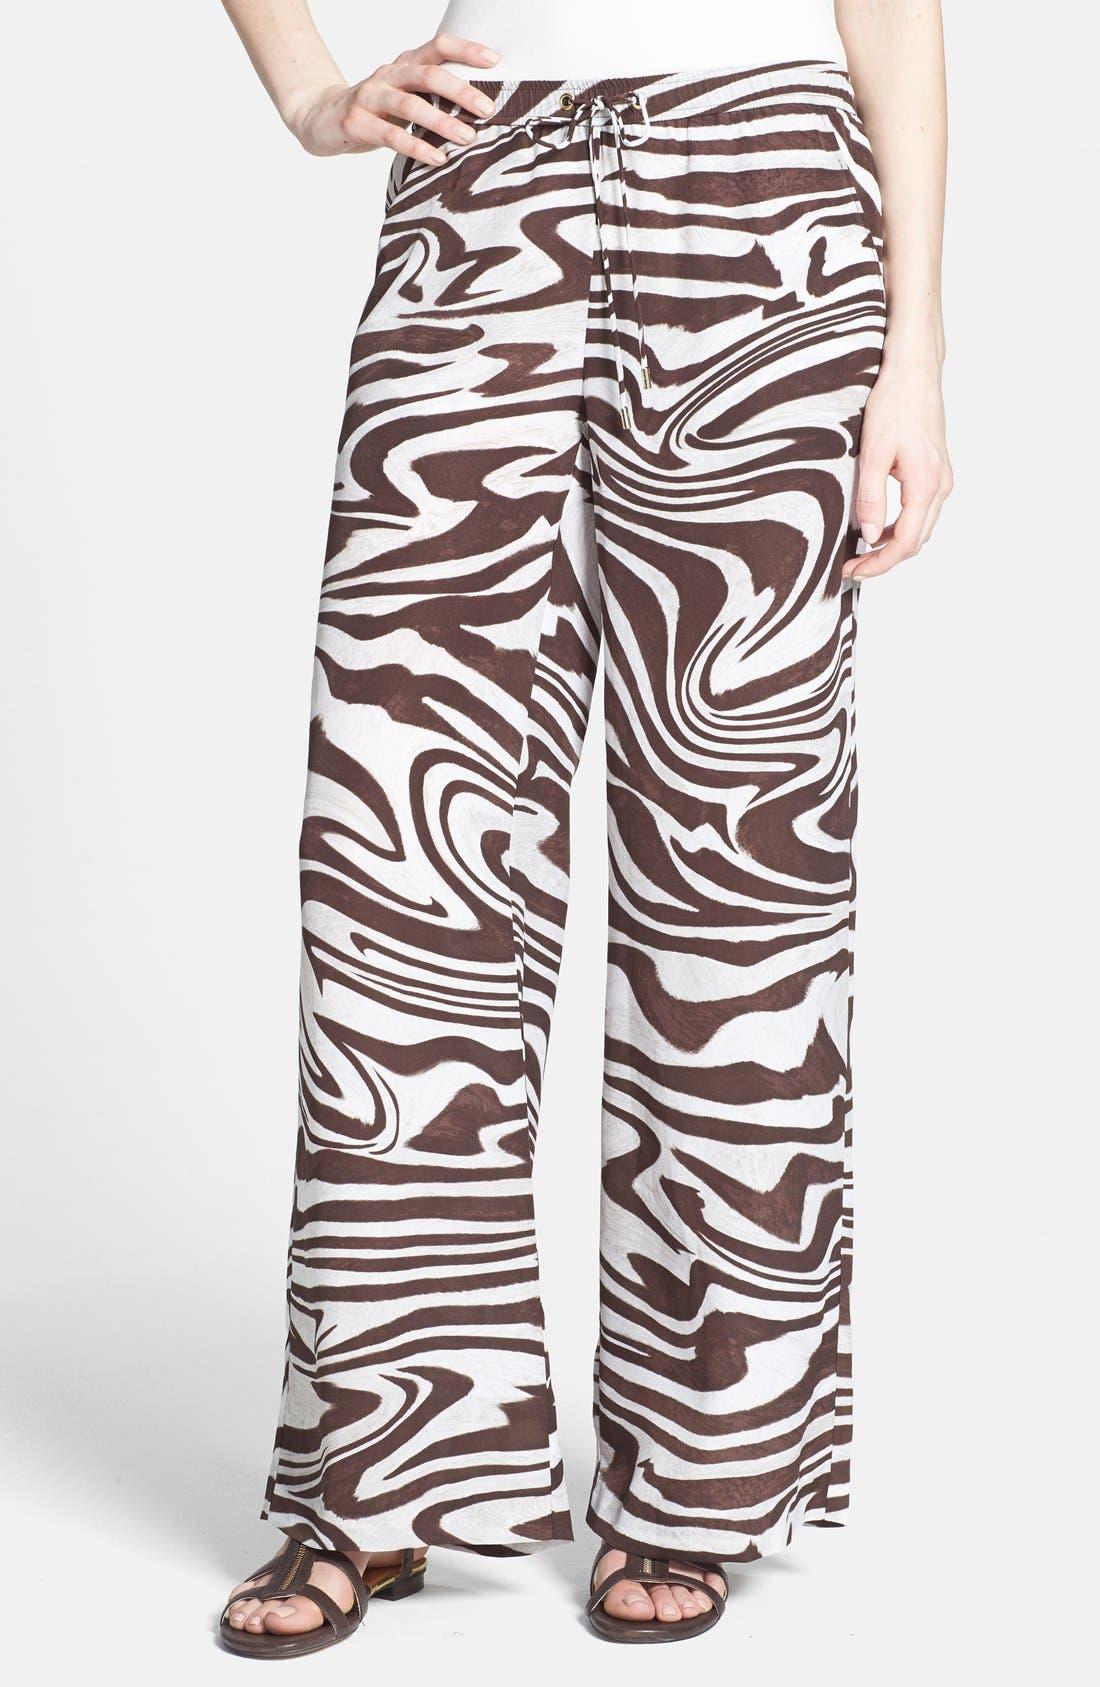 Alternate Image 1 Selected - MICHAEL Michael Kors Zebra Print Wide Leg Pants (Regular & Petite)